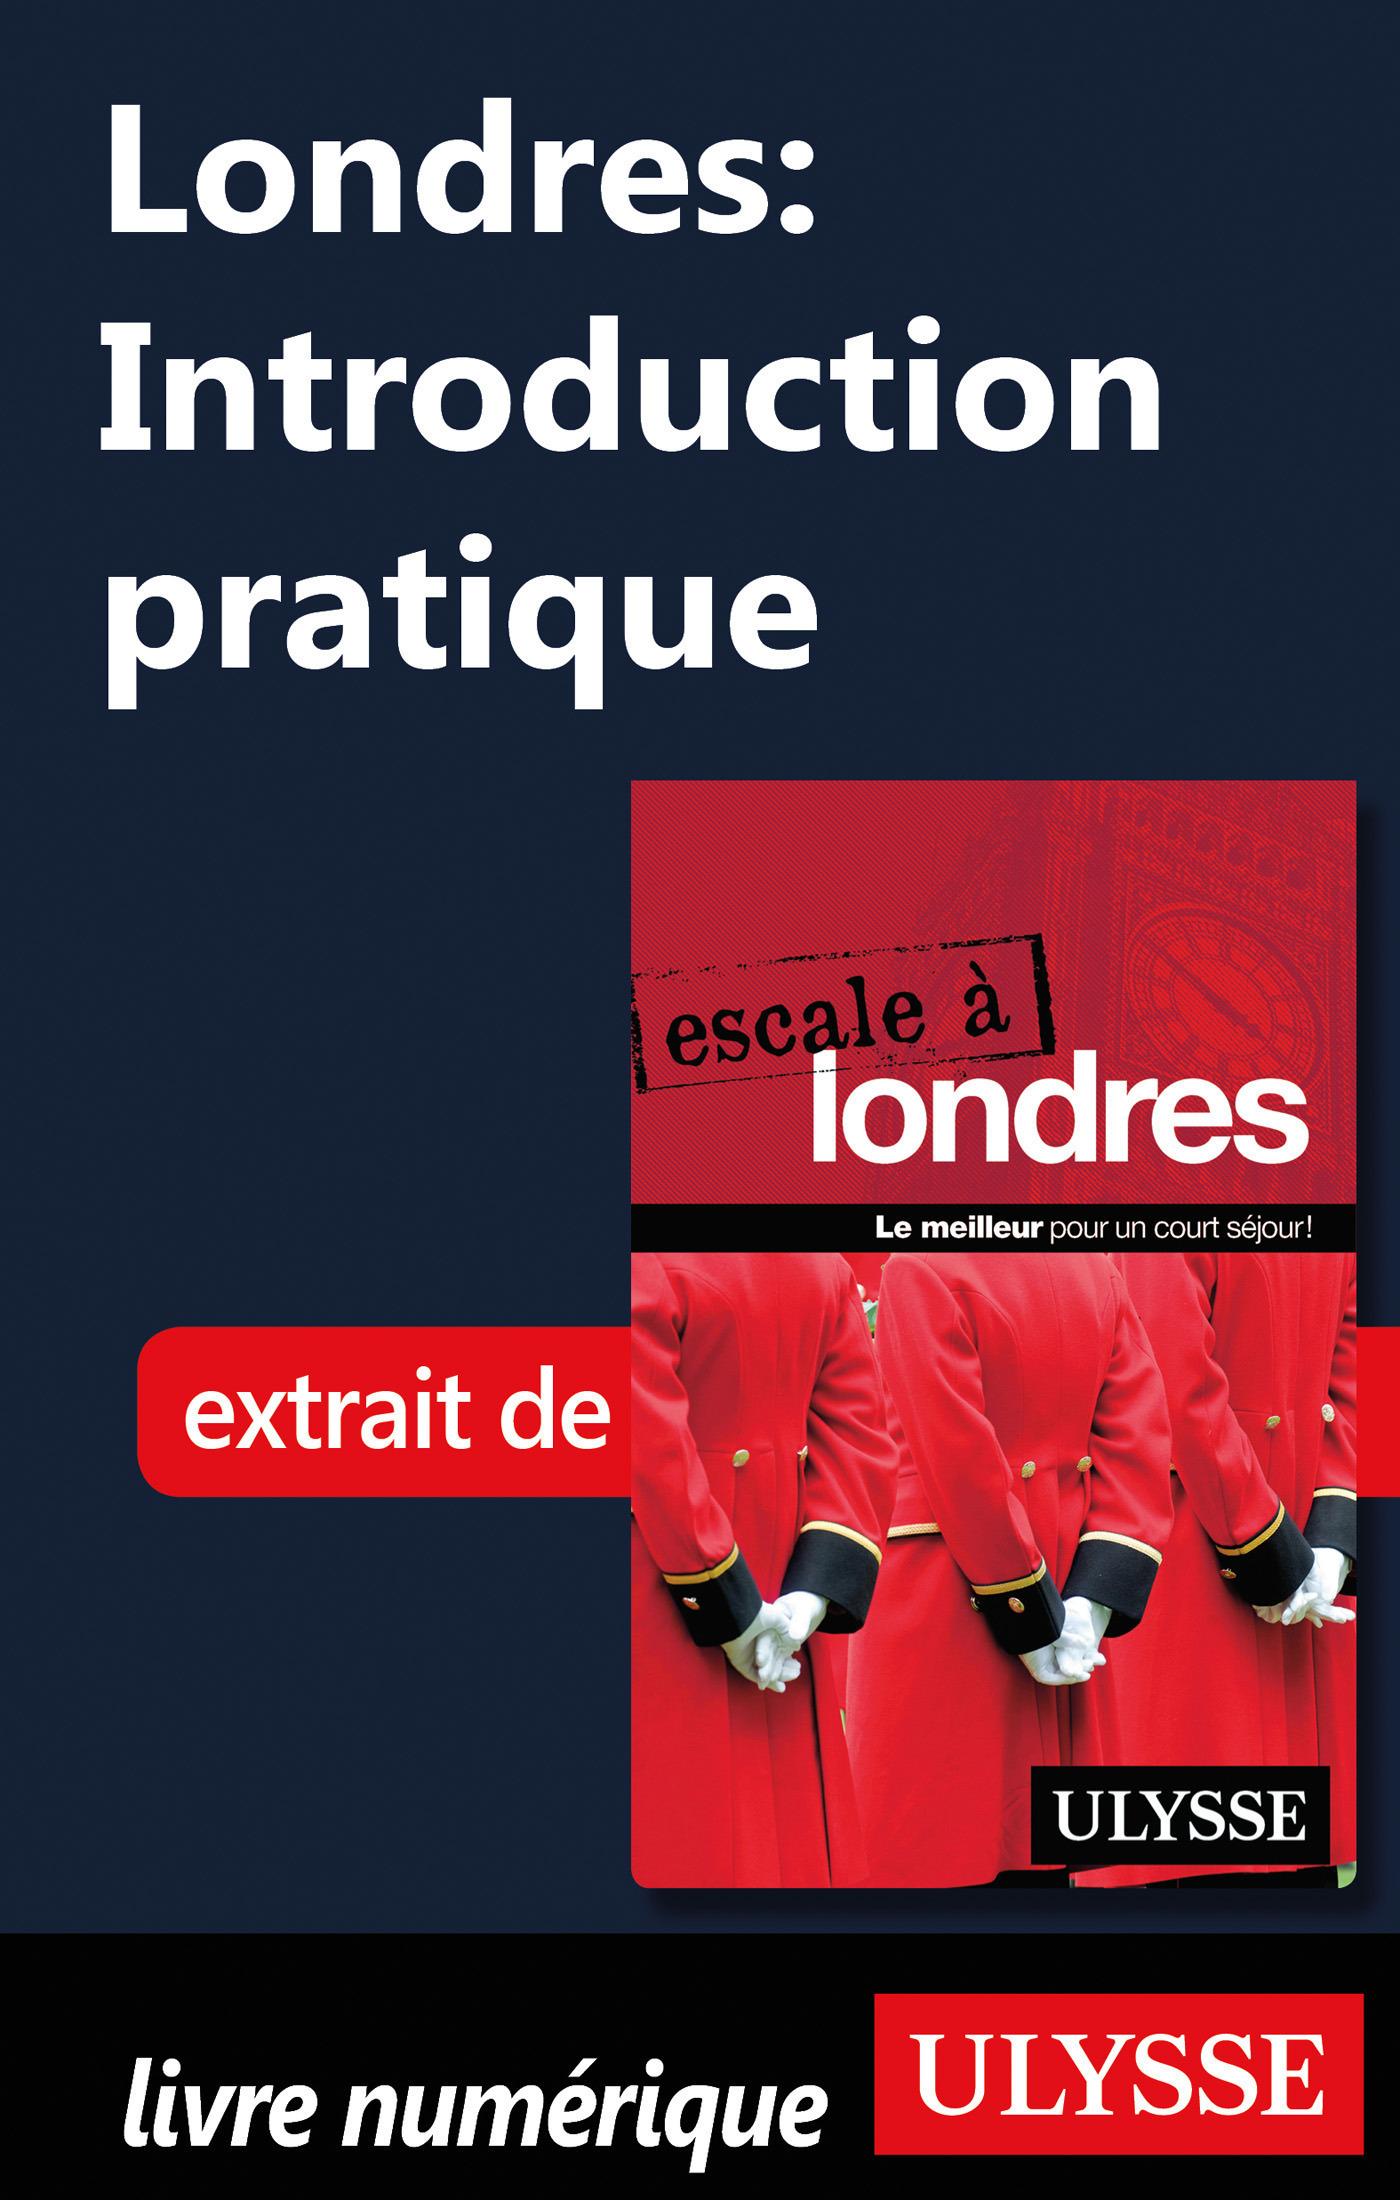 Londres : Introduction pratique